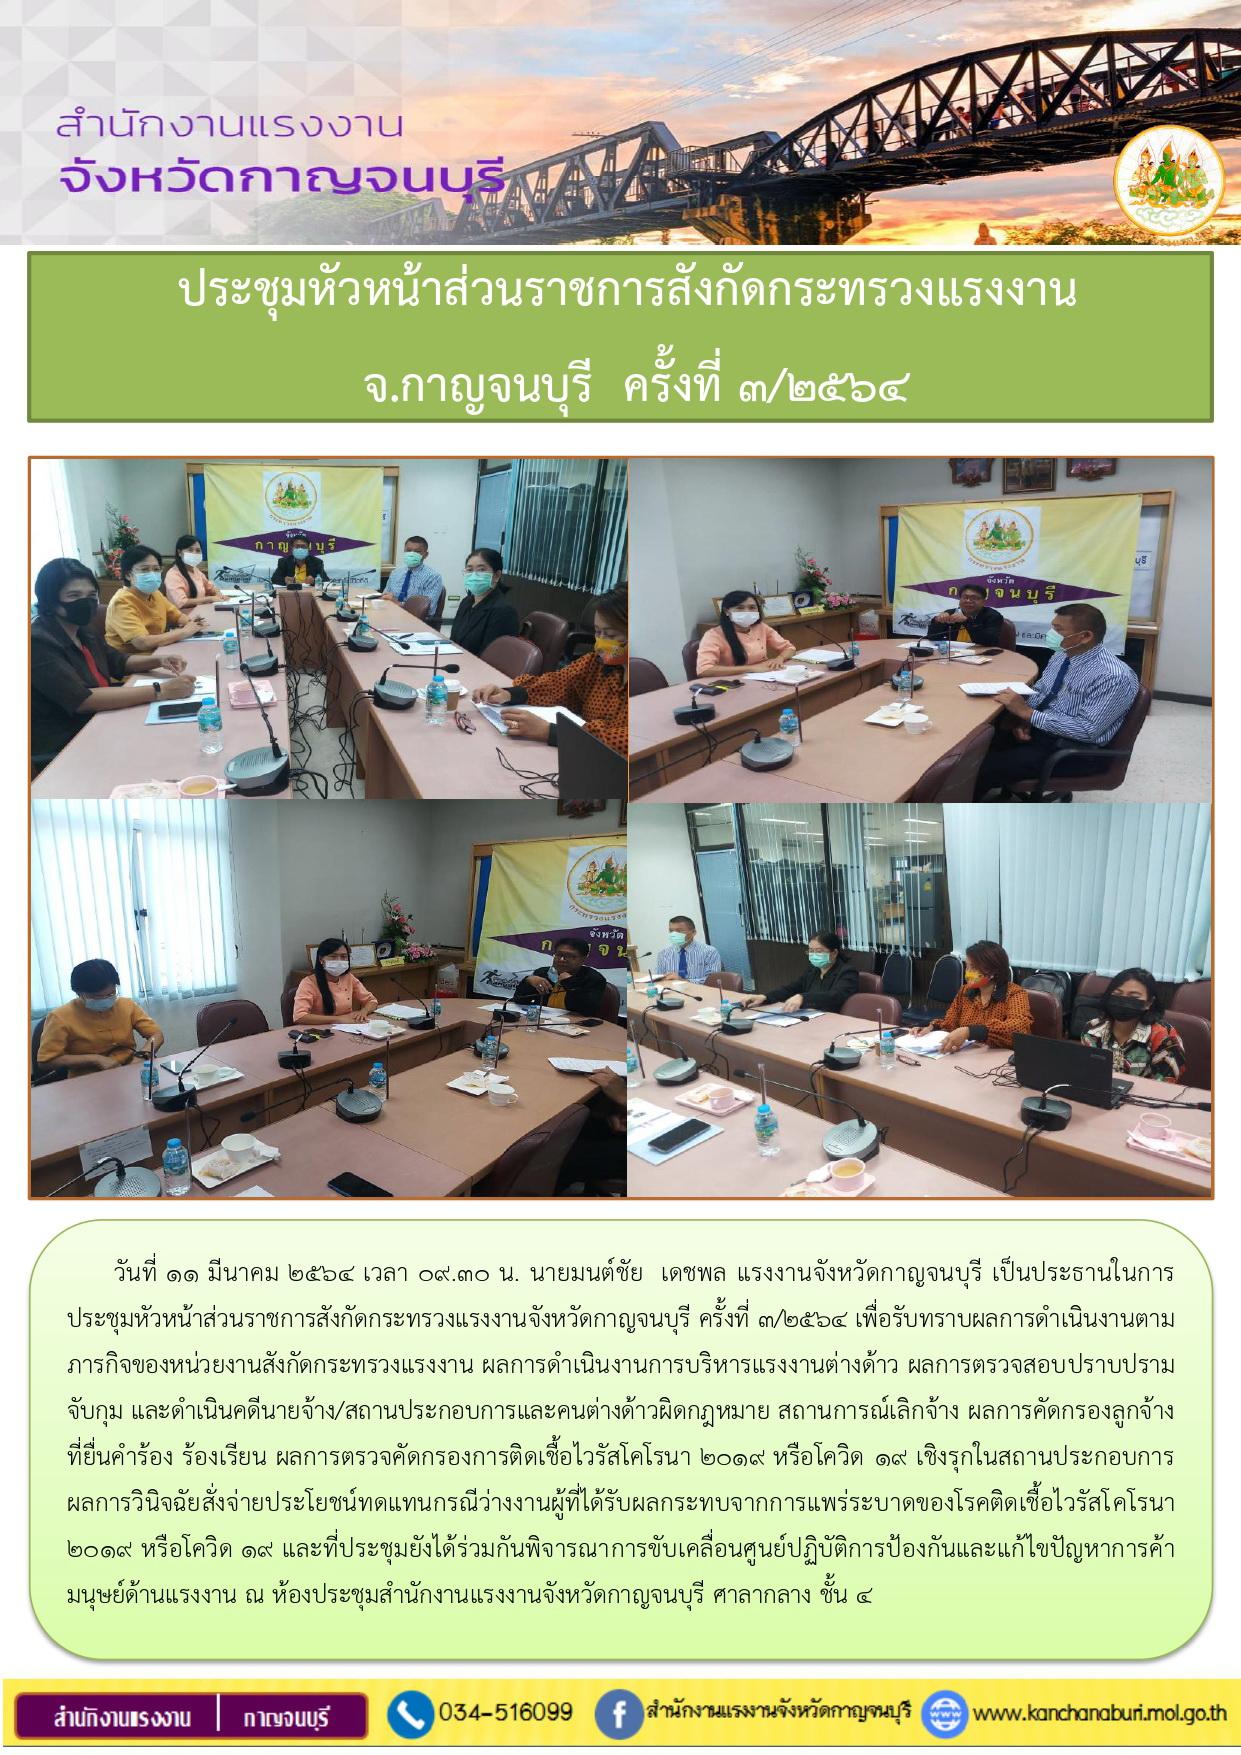 ประชุมหัวหน้าส่วนราชการสังกัดกระทรวงแรงงาน จ.กาญจนบุรี ครั้งที่ 3/2564